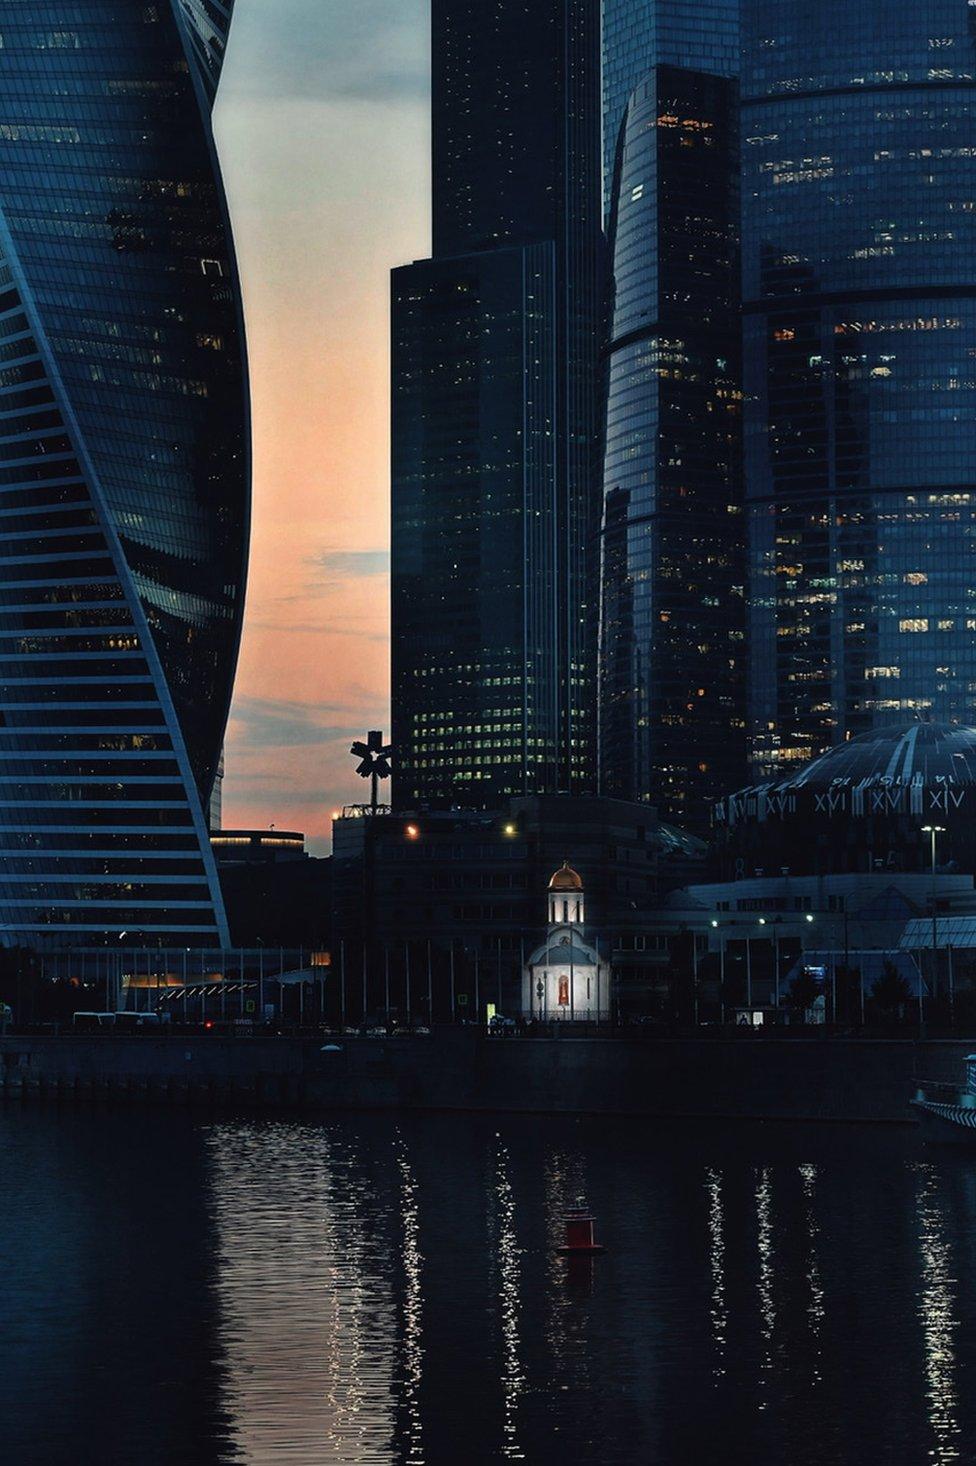 俄國首都莫斯科,林立的摩天大樓中矗立著一座燈光溫暖的教堂。